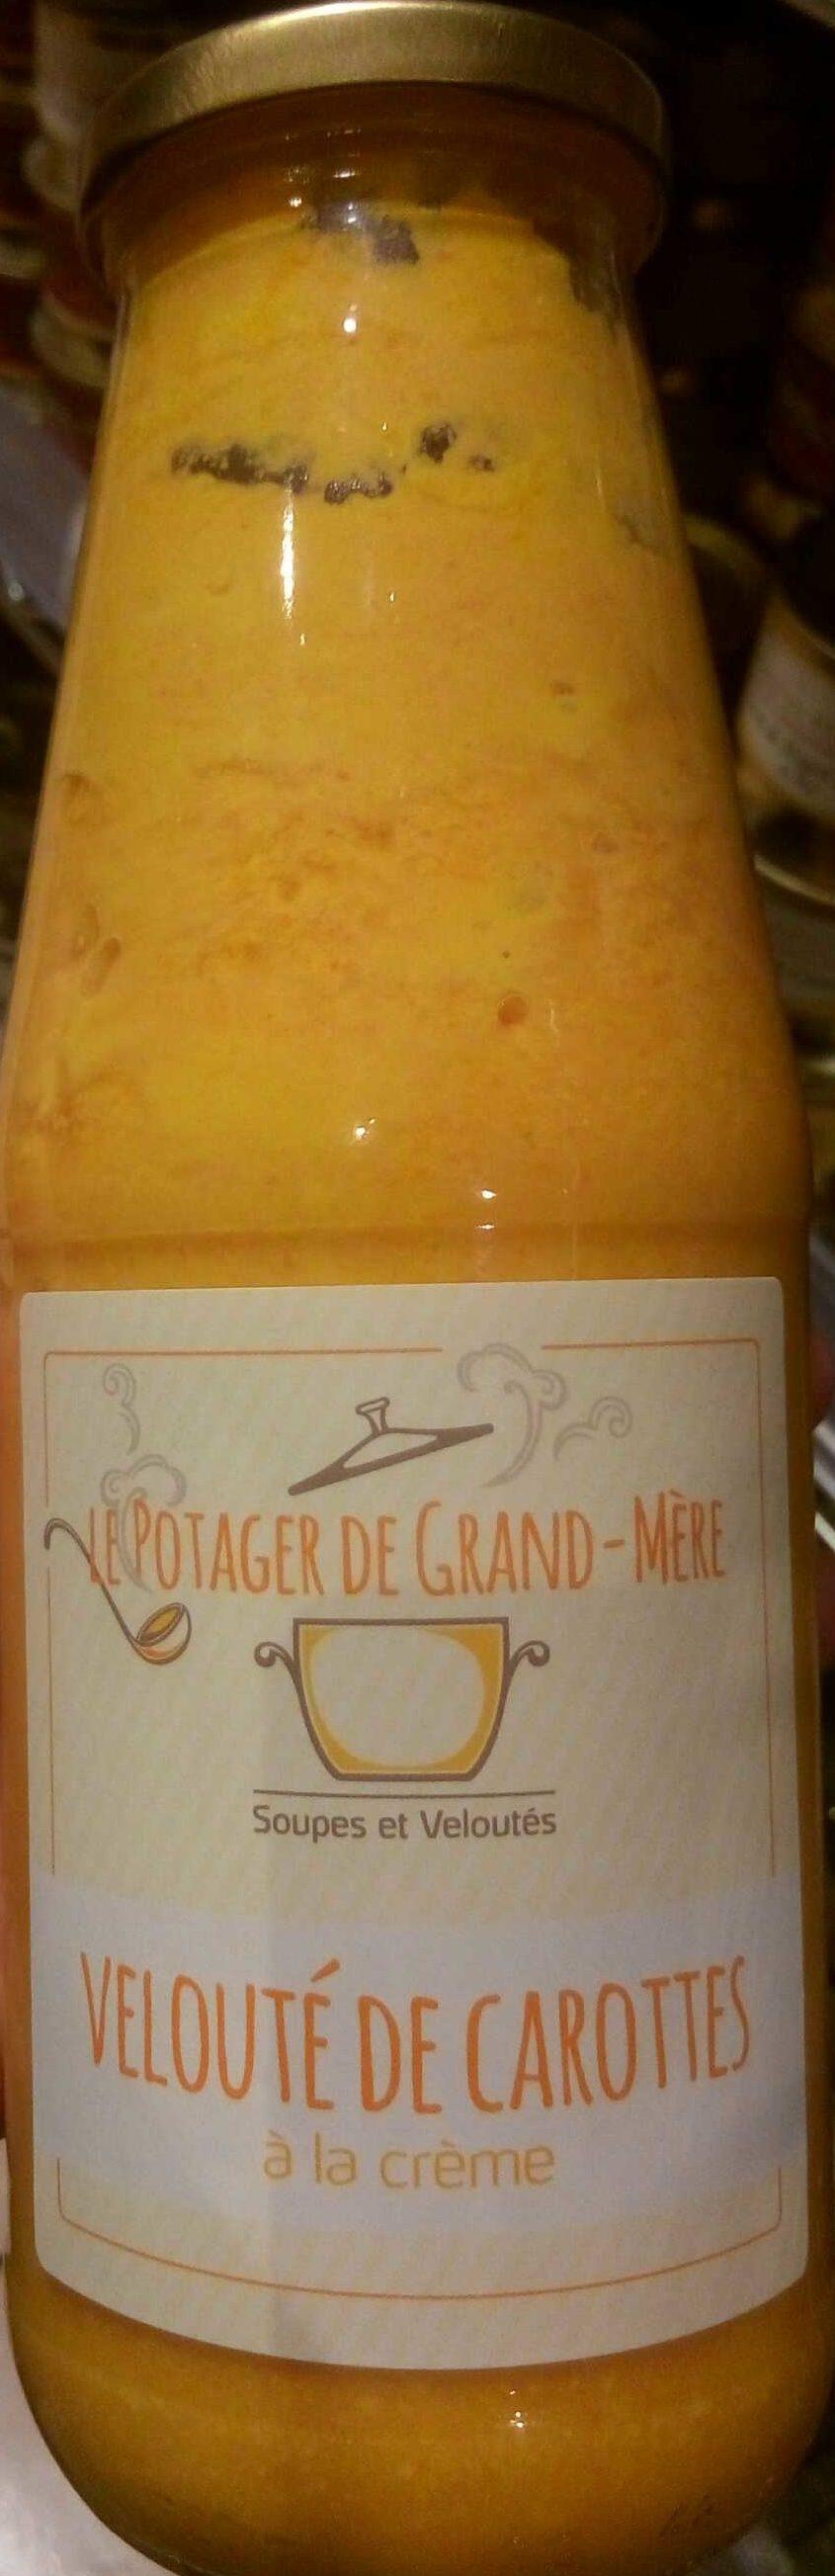 Velouté de carottes à la crème - Produit